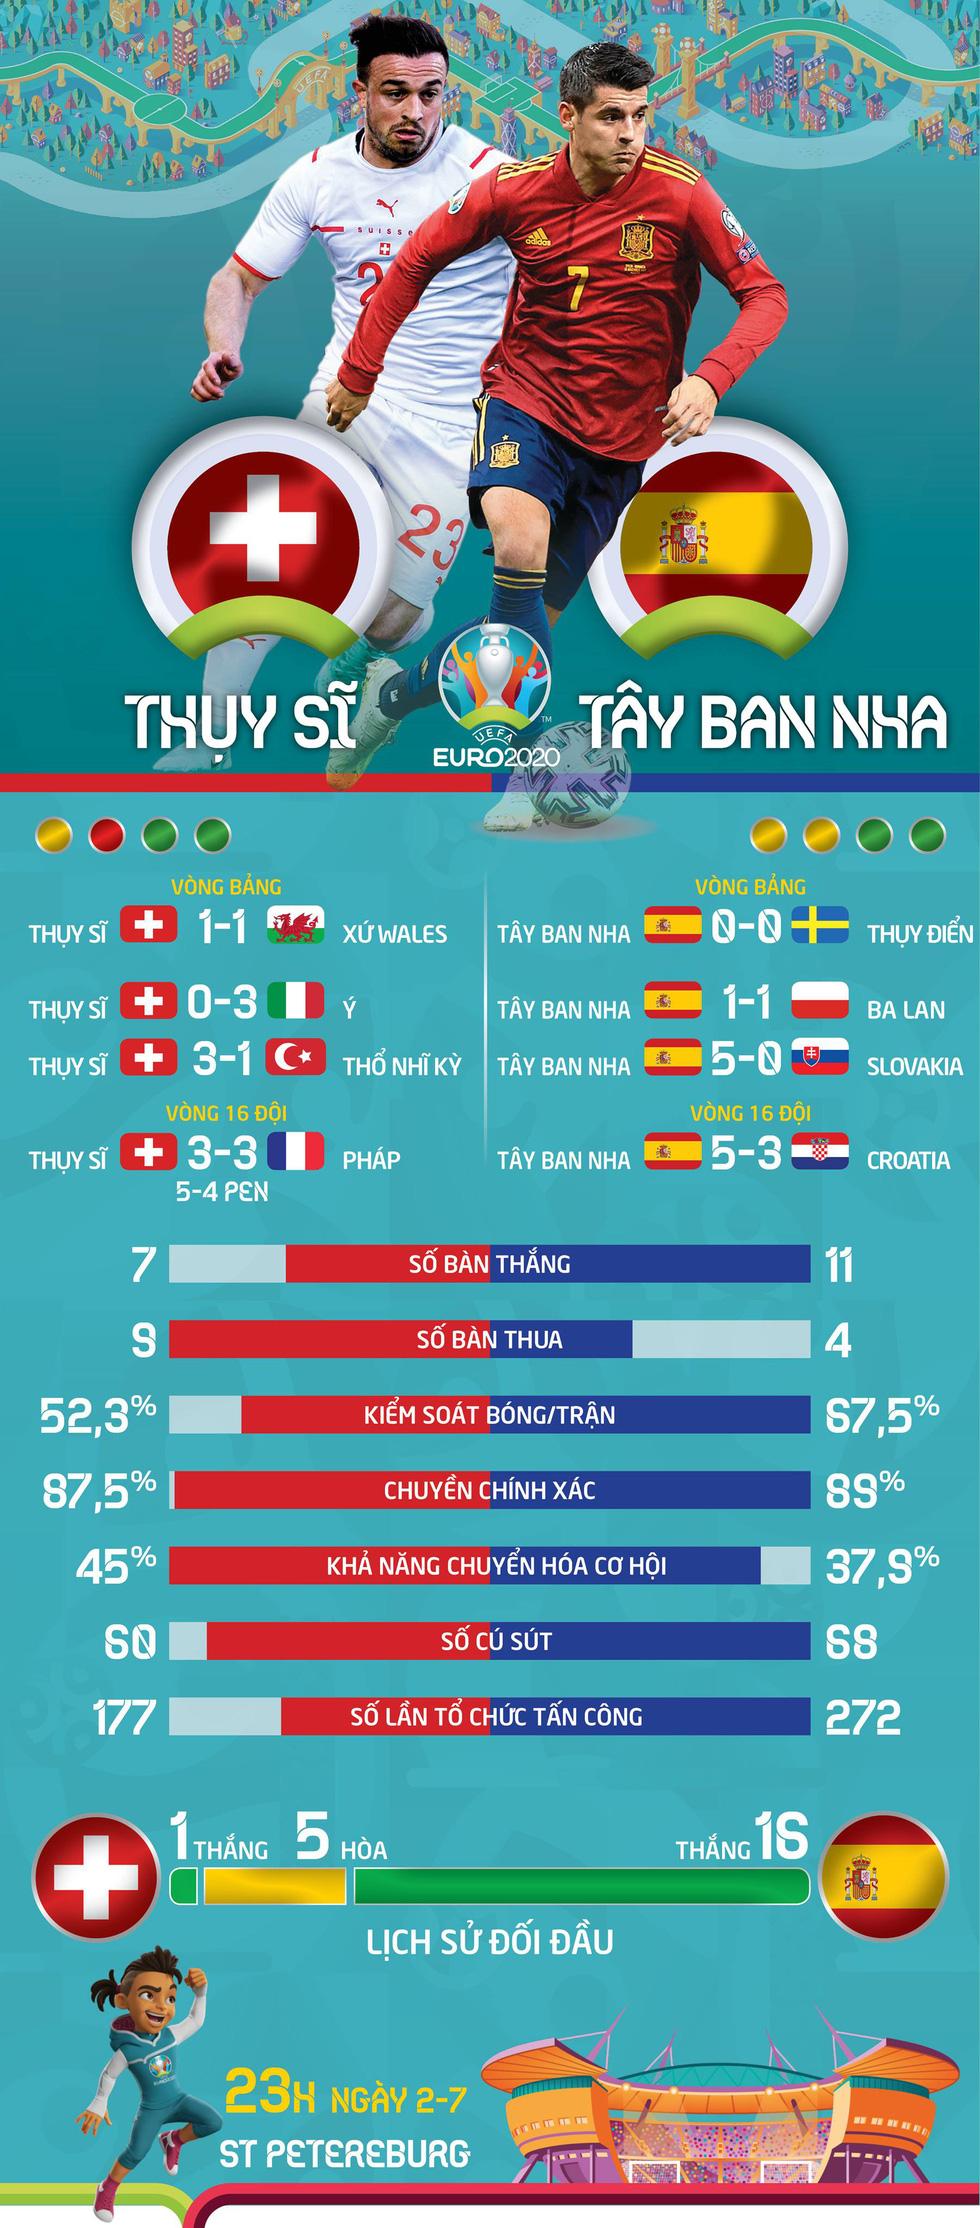 So sánh sức mạnh Thụy Sĩ và Tây Ban Nha ở tứ kết Euro 2020 - Ảnh 1.